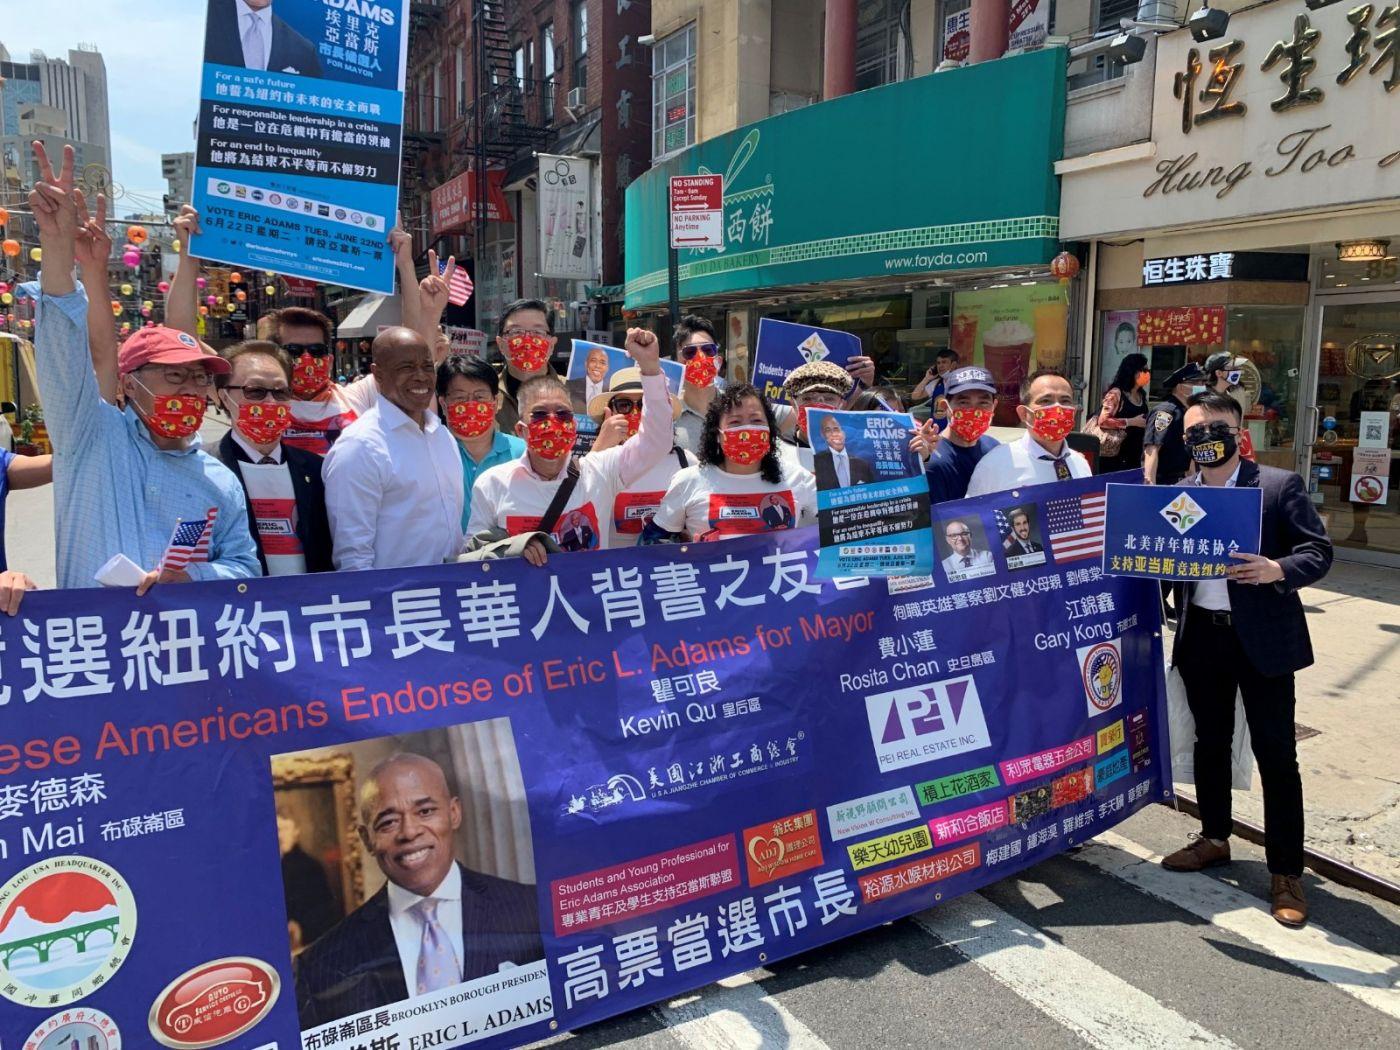 高娓娓:纽约市长竞选人亚当斯拜访唐人街社区民众_图1-2